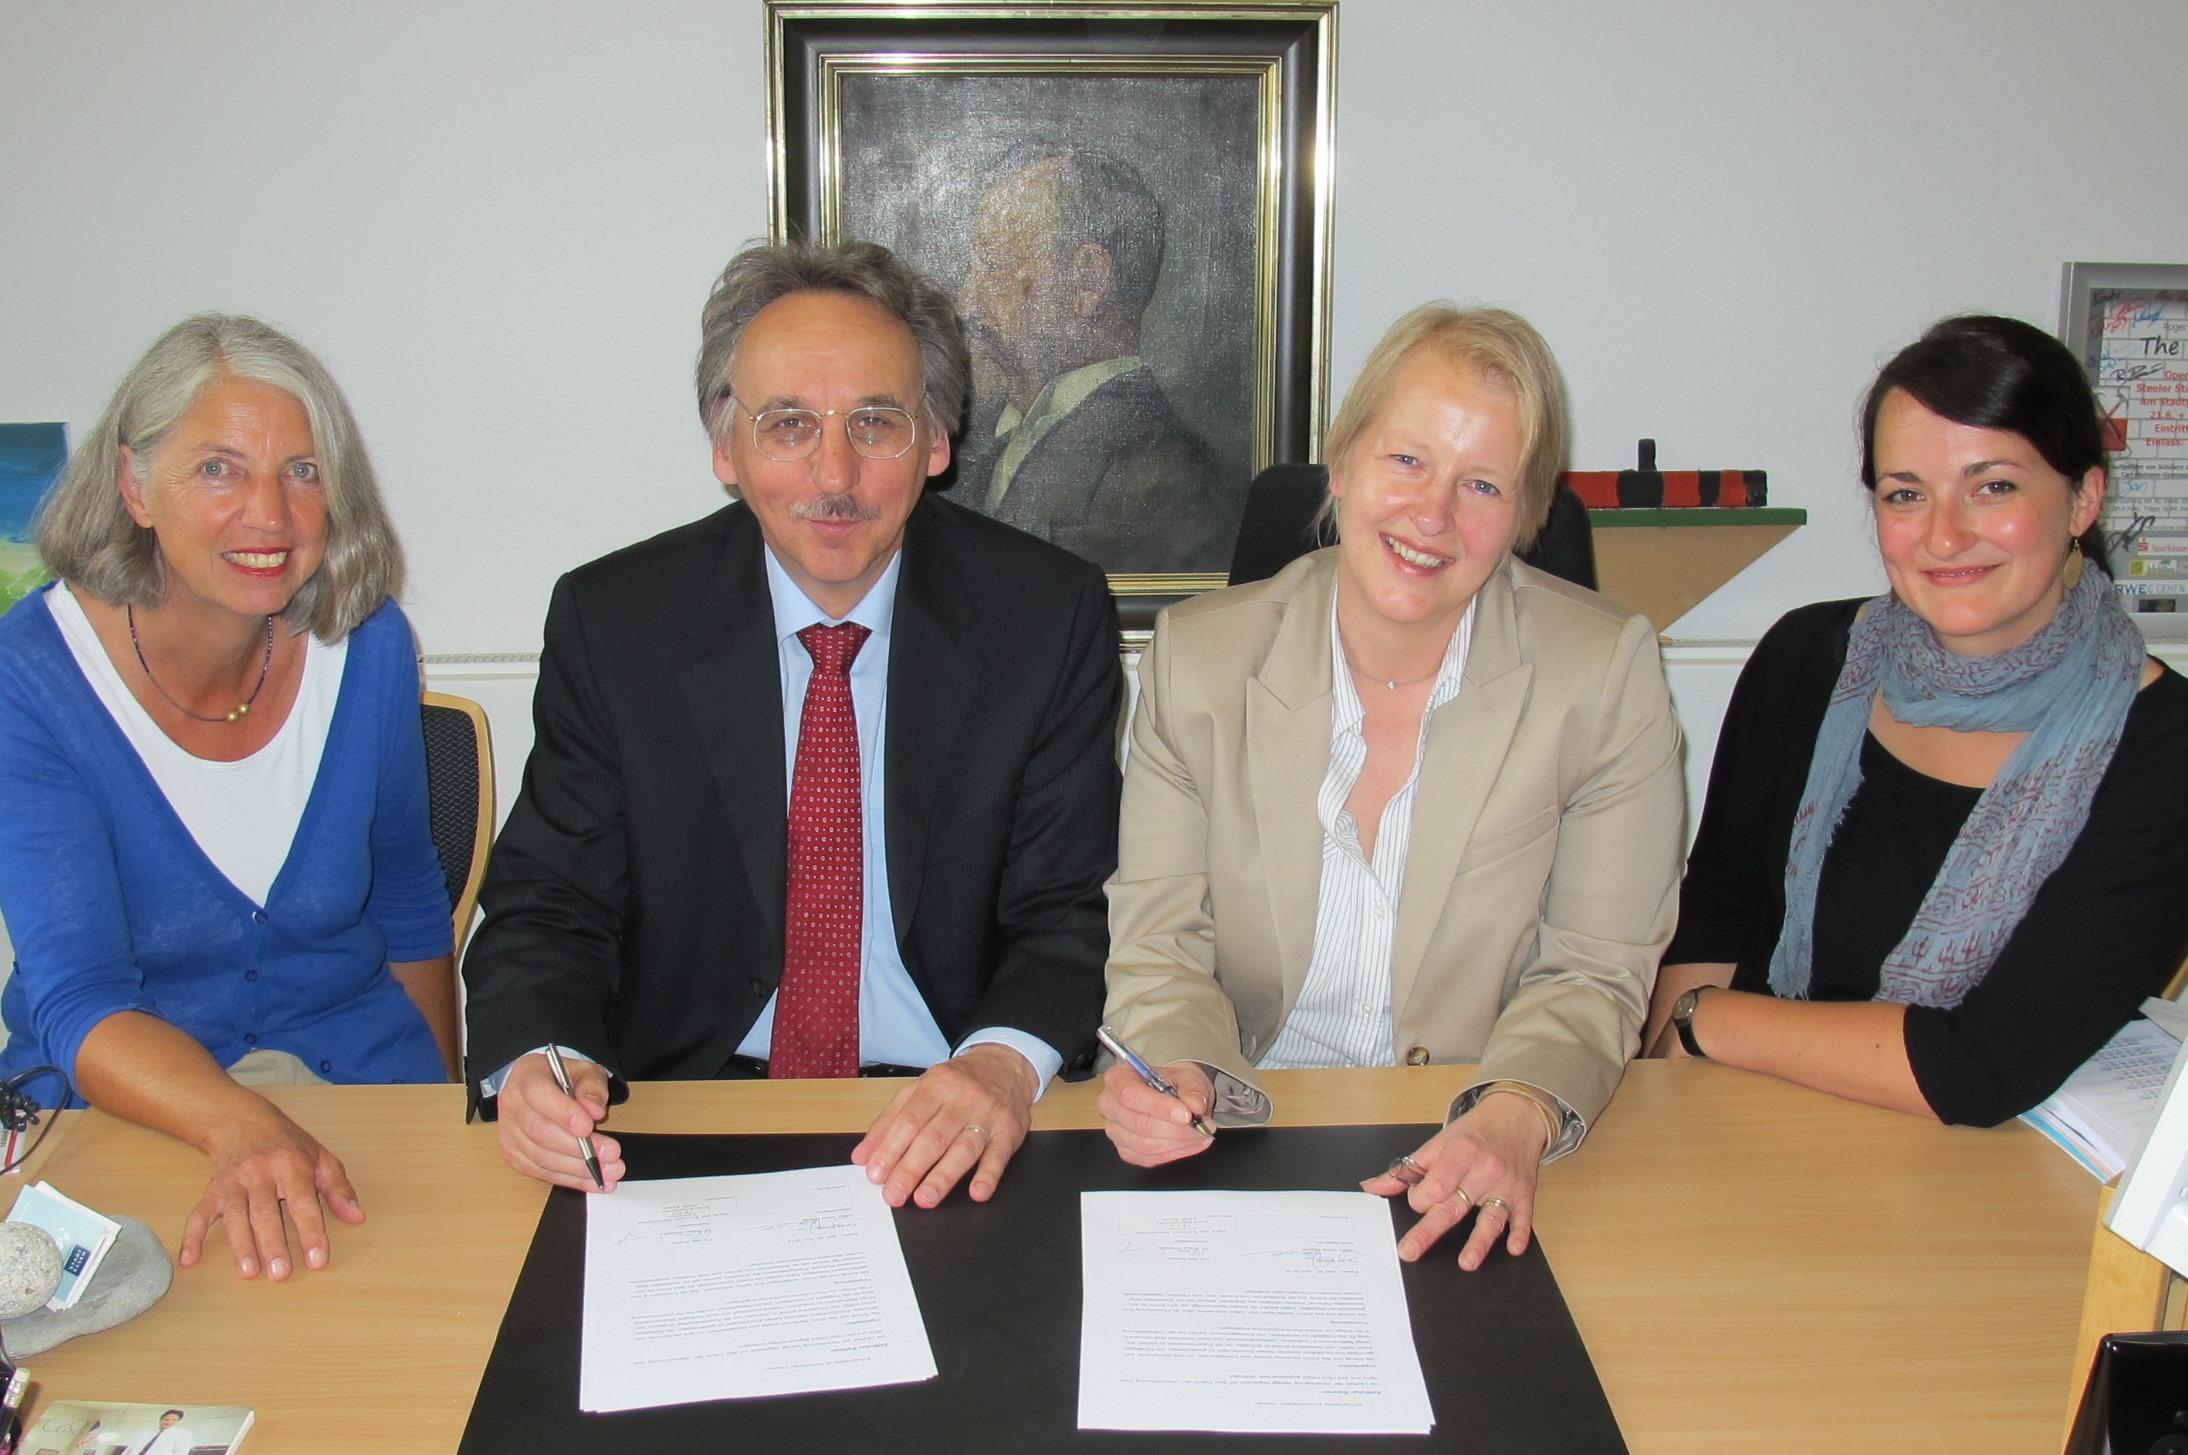 Vier Personen sitzen am Tisch, um eine Vereinbarung zu unterzeichnen